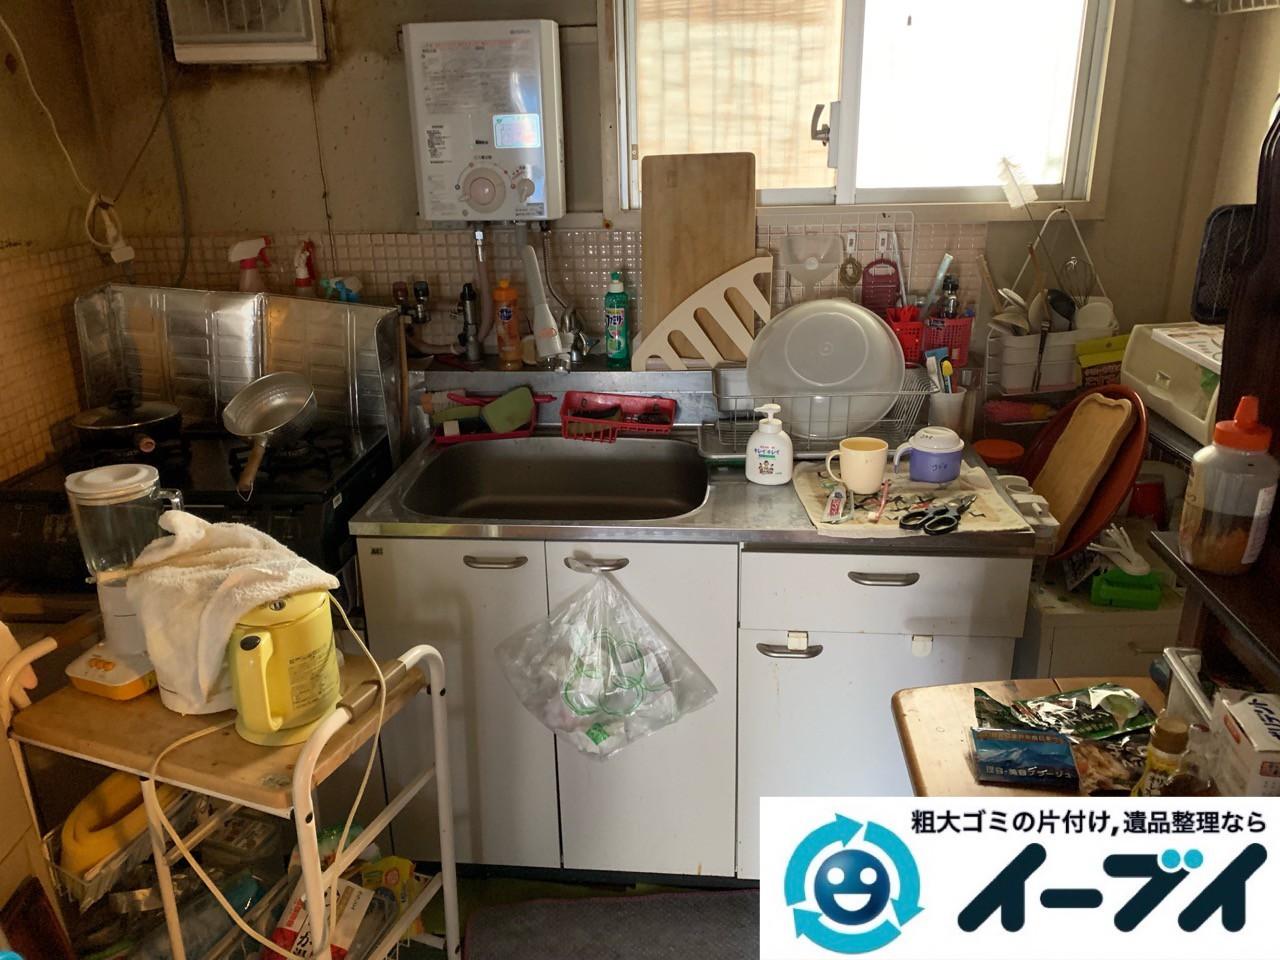 2019年5月18日大阪府大阪市住吉区で食器棚の大型家具、お部屋に散乱した生活用品などの不用品回収。写真3